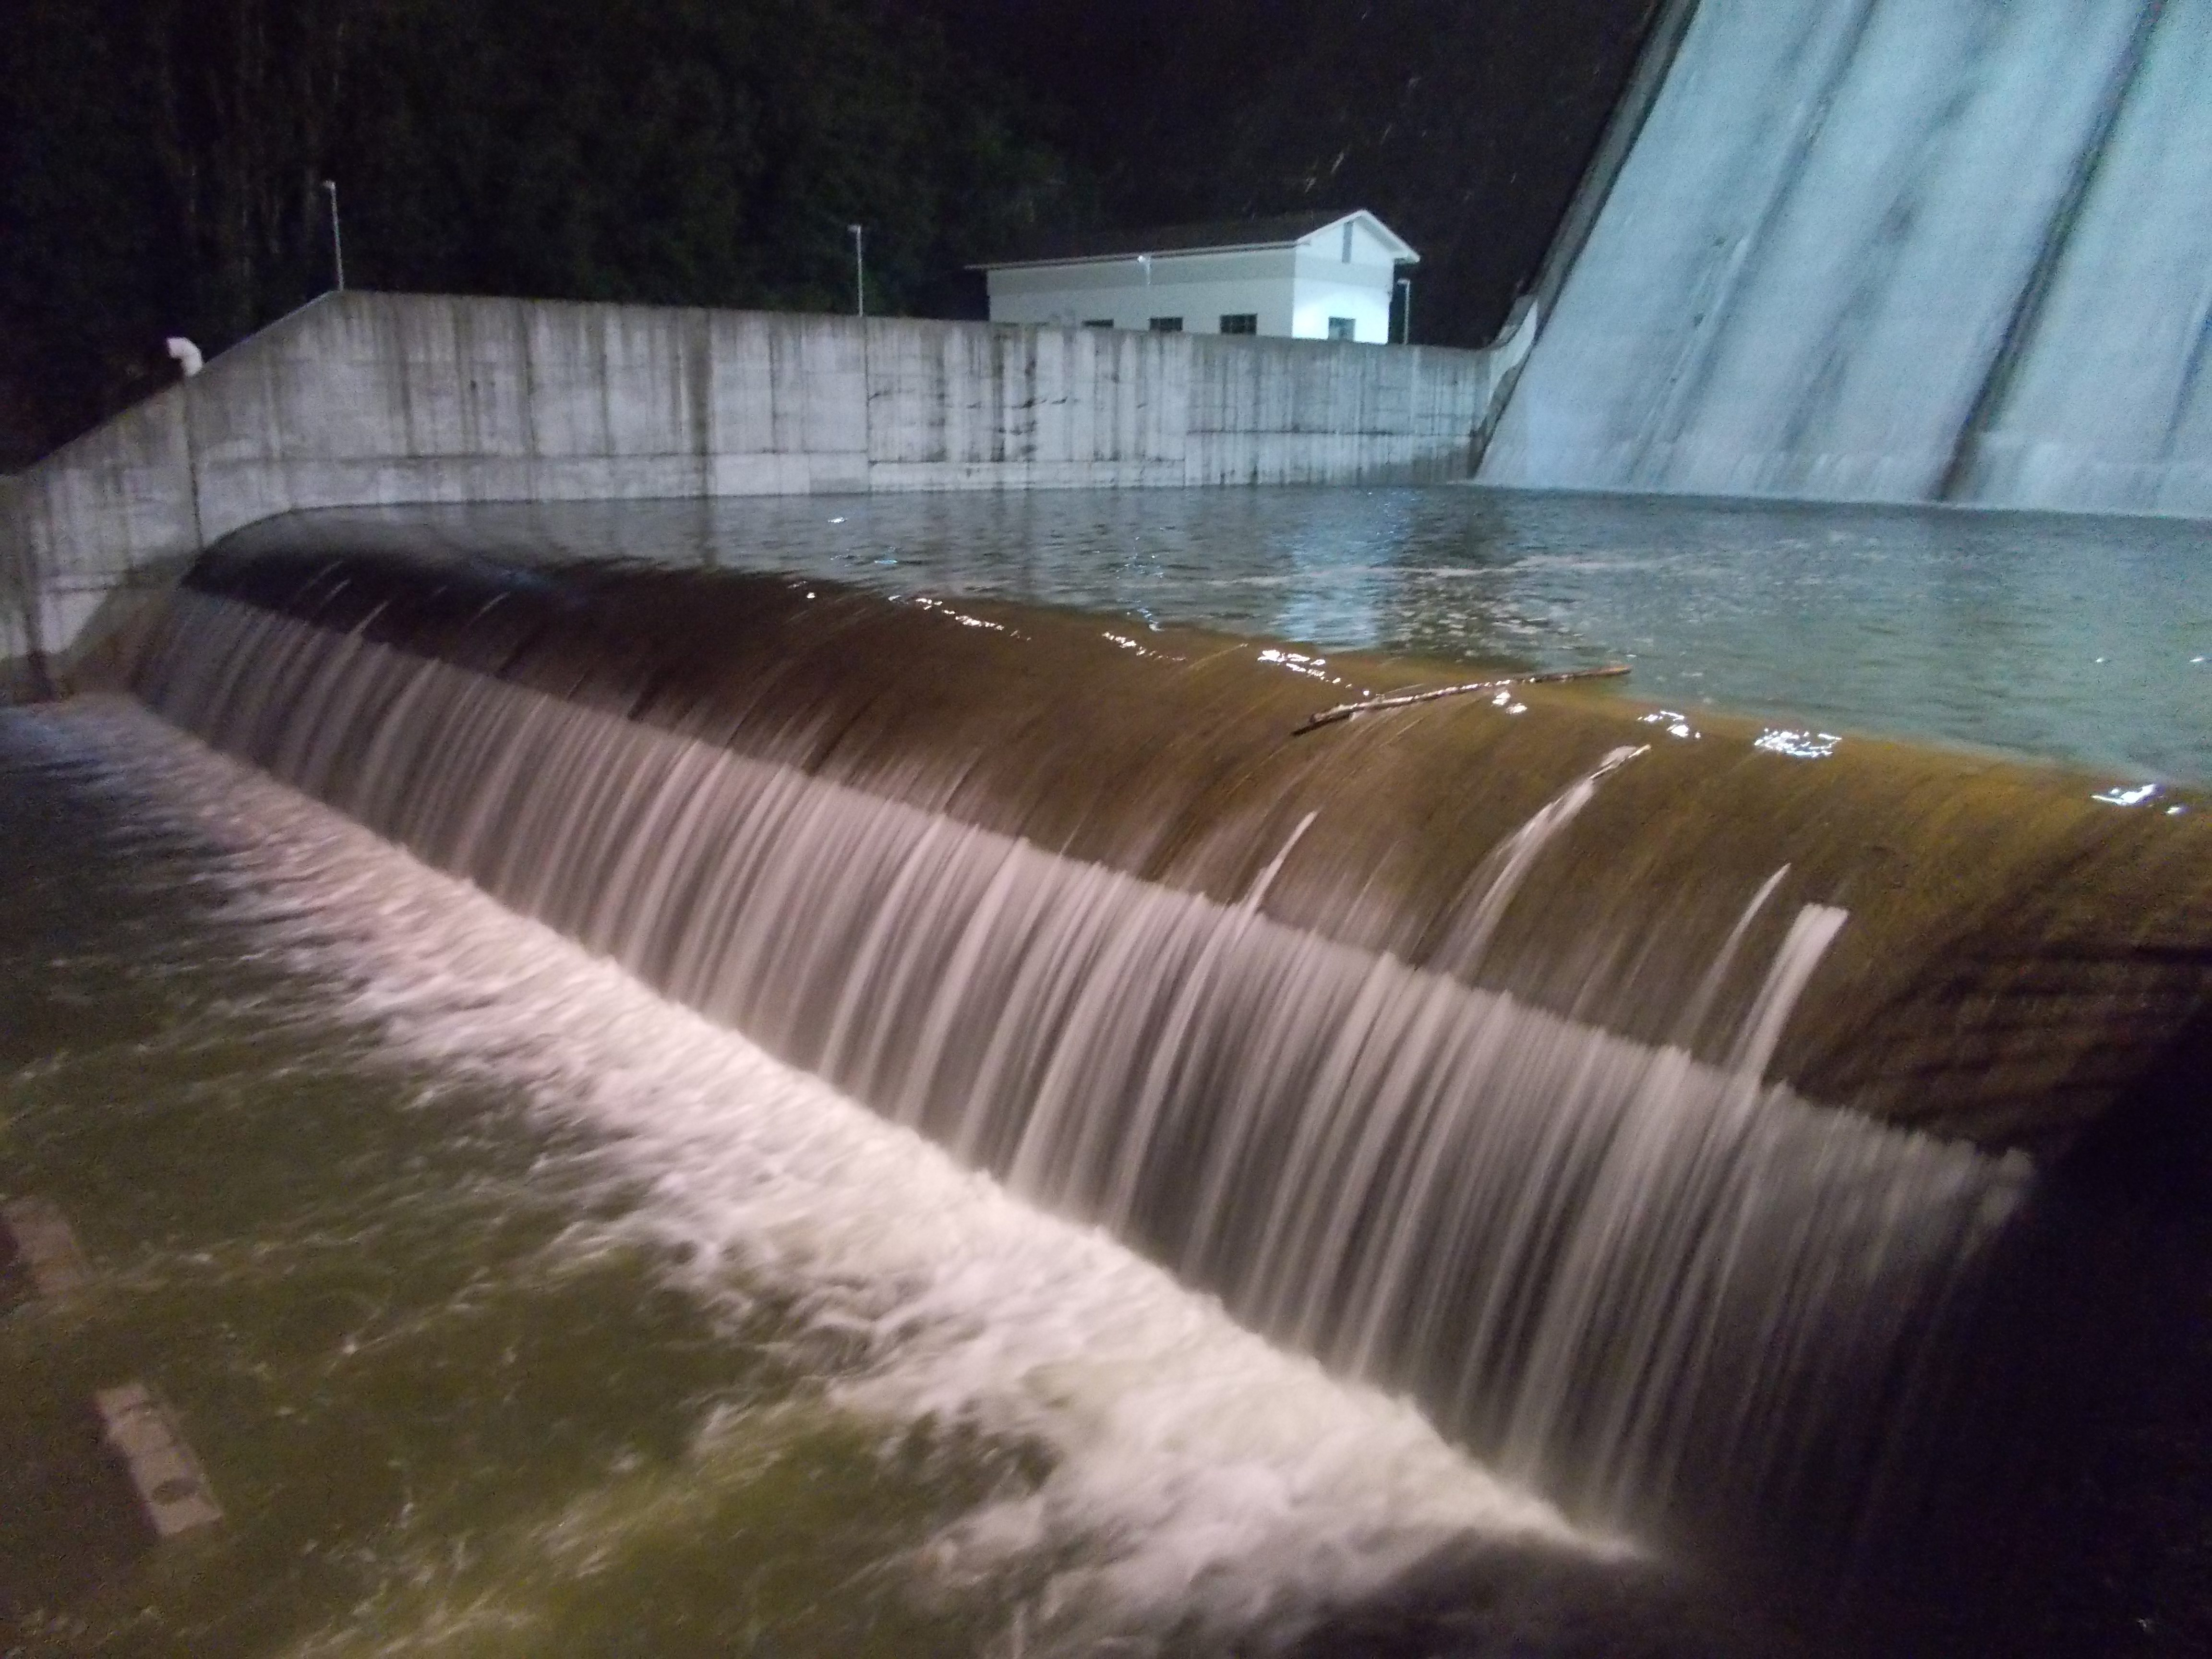 Diga di Mignano, 30 Maggio 2018, ore 00:55 soglia tracimabile di separazione tra la vasca di dissipazione principale e quella ausiliaria di valle.